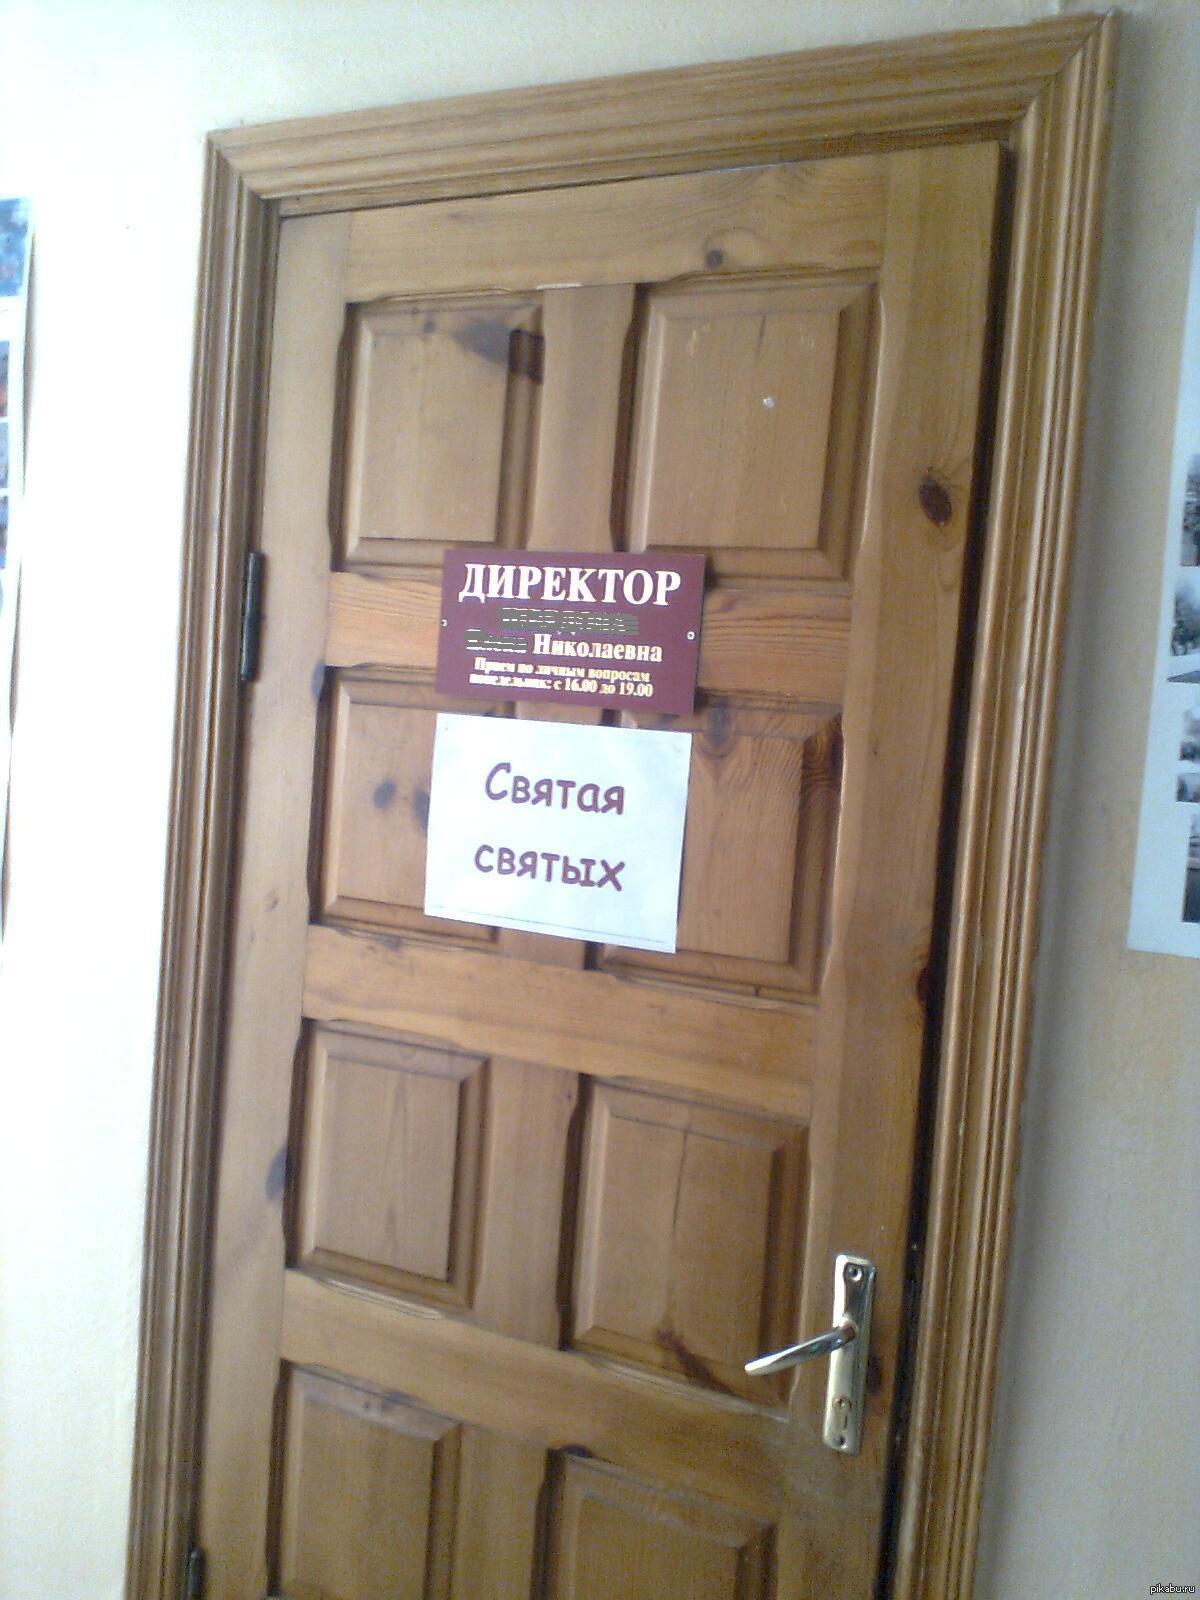 Двери в школу картинки с надписями, счастье